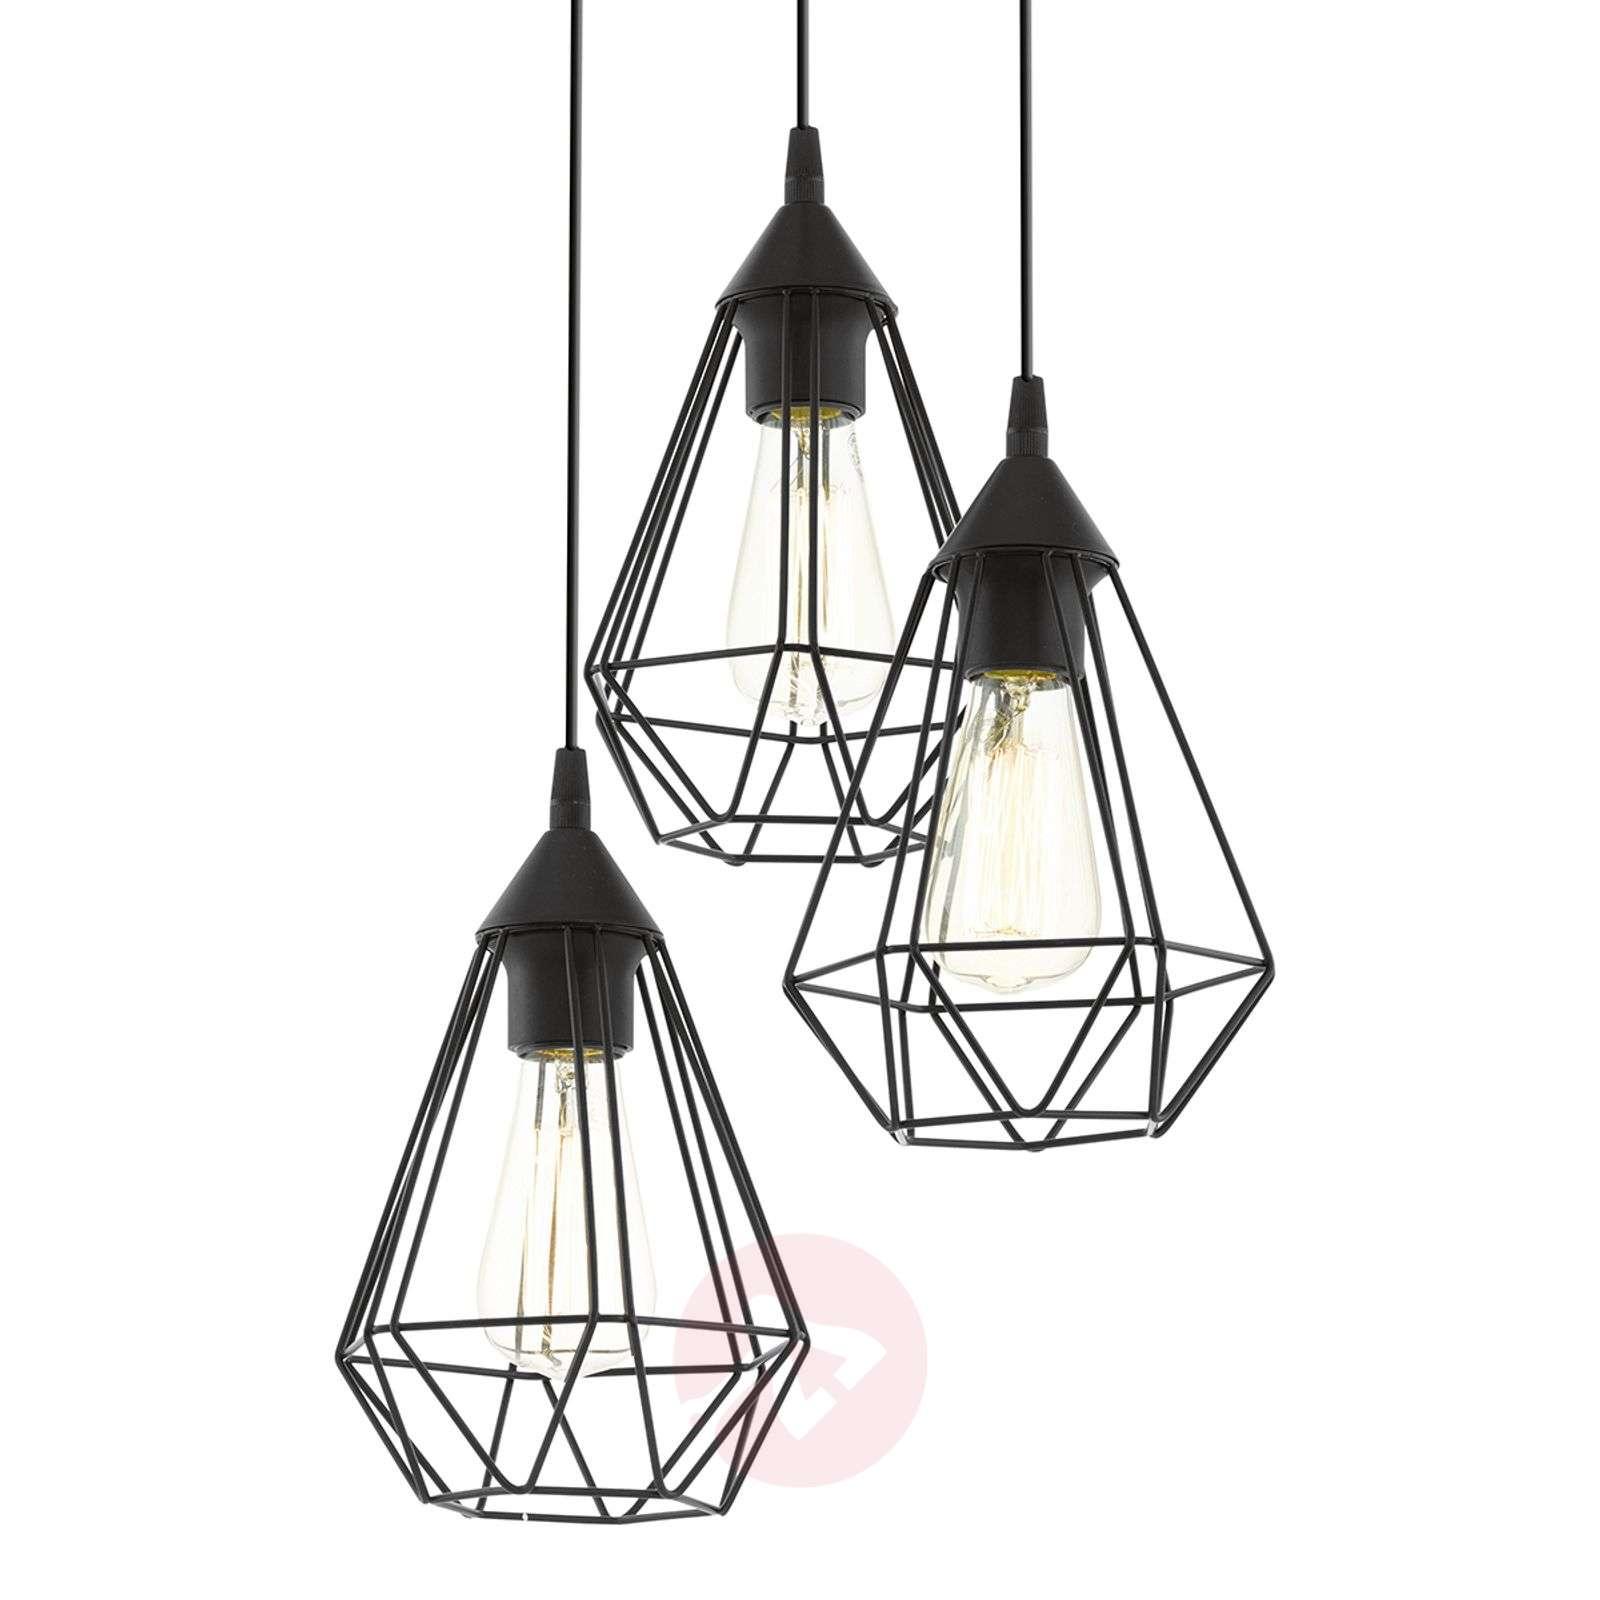 3-bulb vintage pendant light Tarbes in black-3031860-01